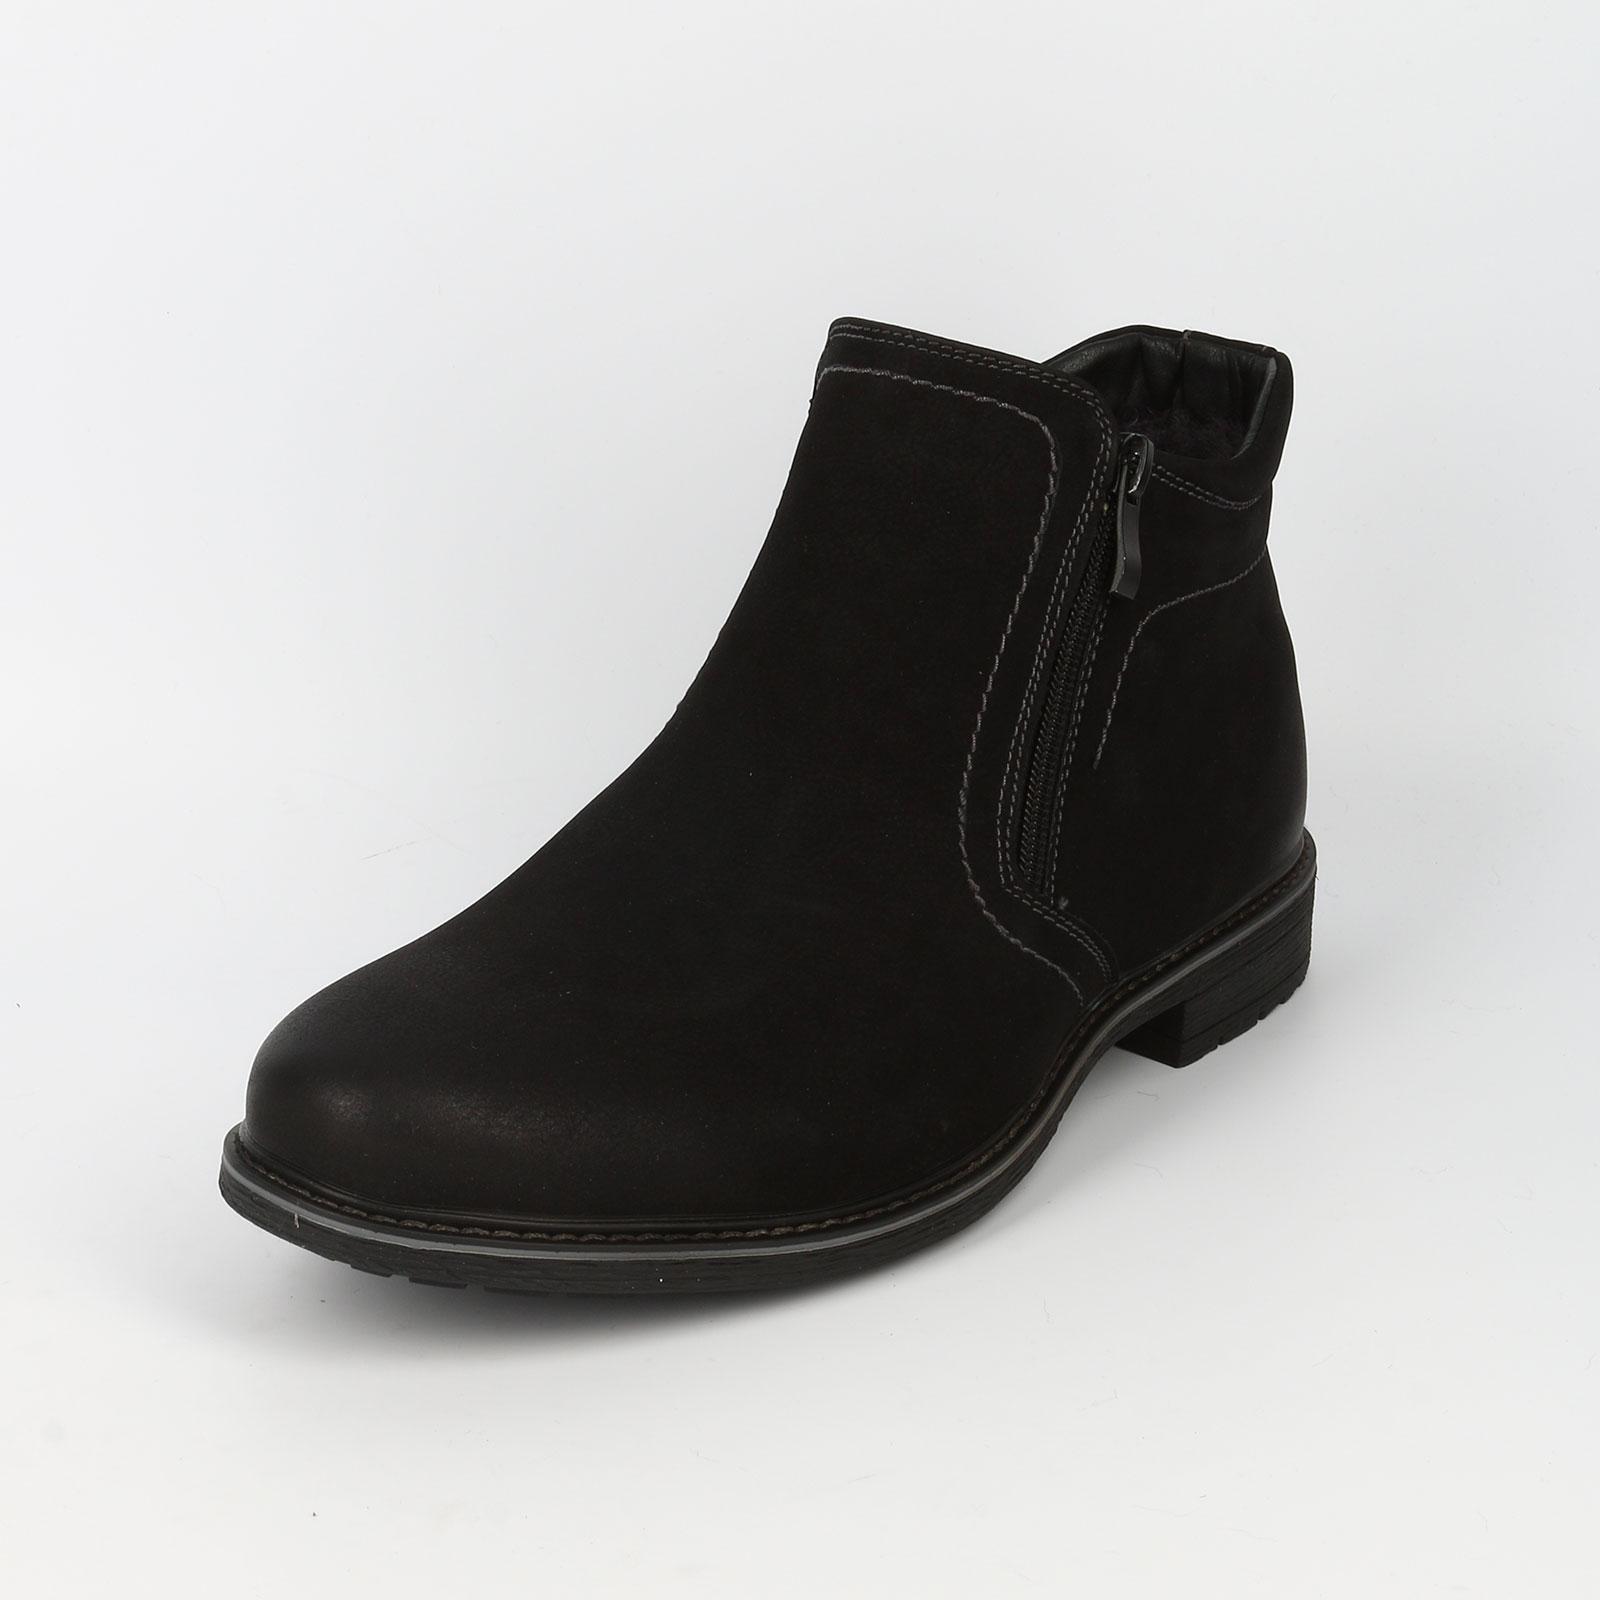 Мужские ботинки на высокой подошве